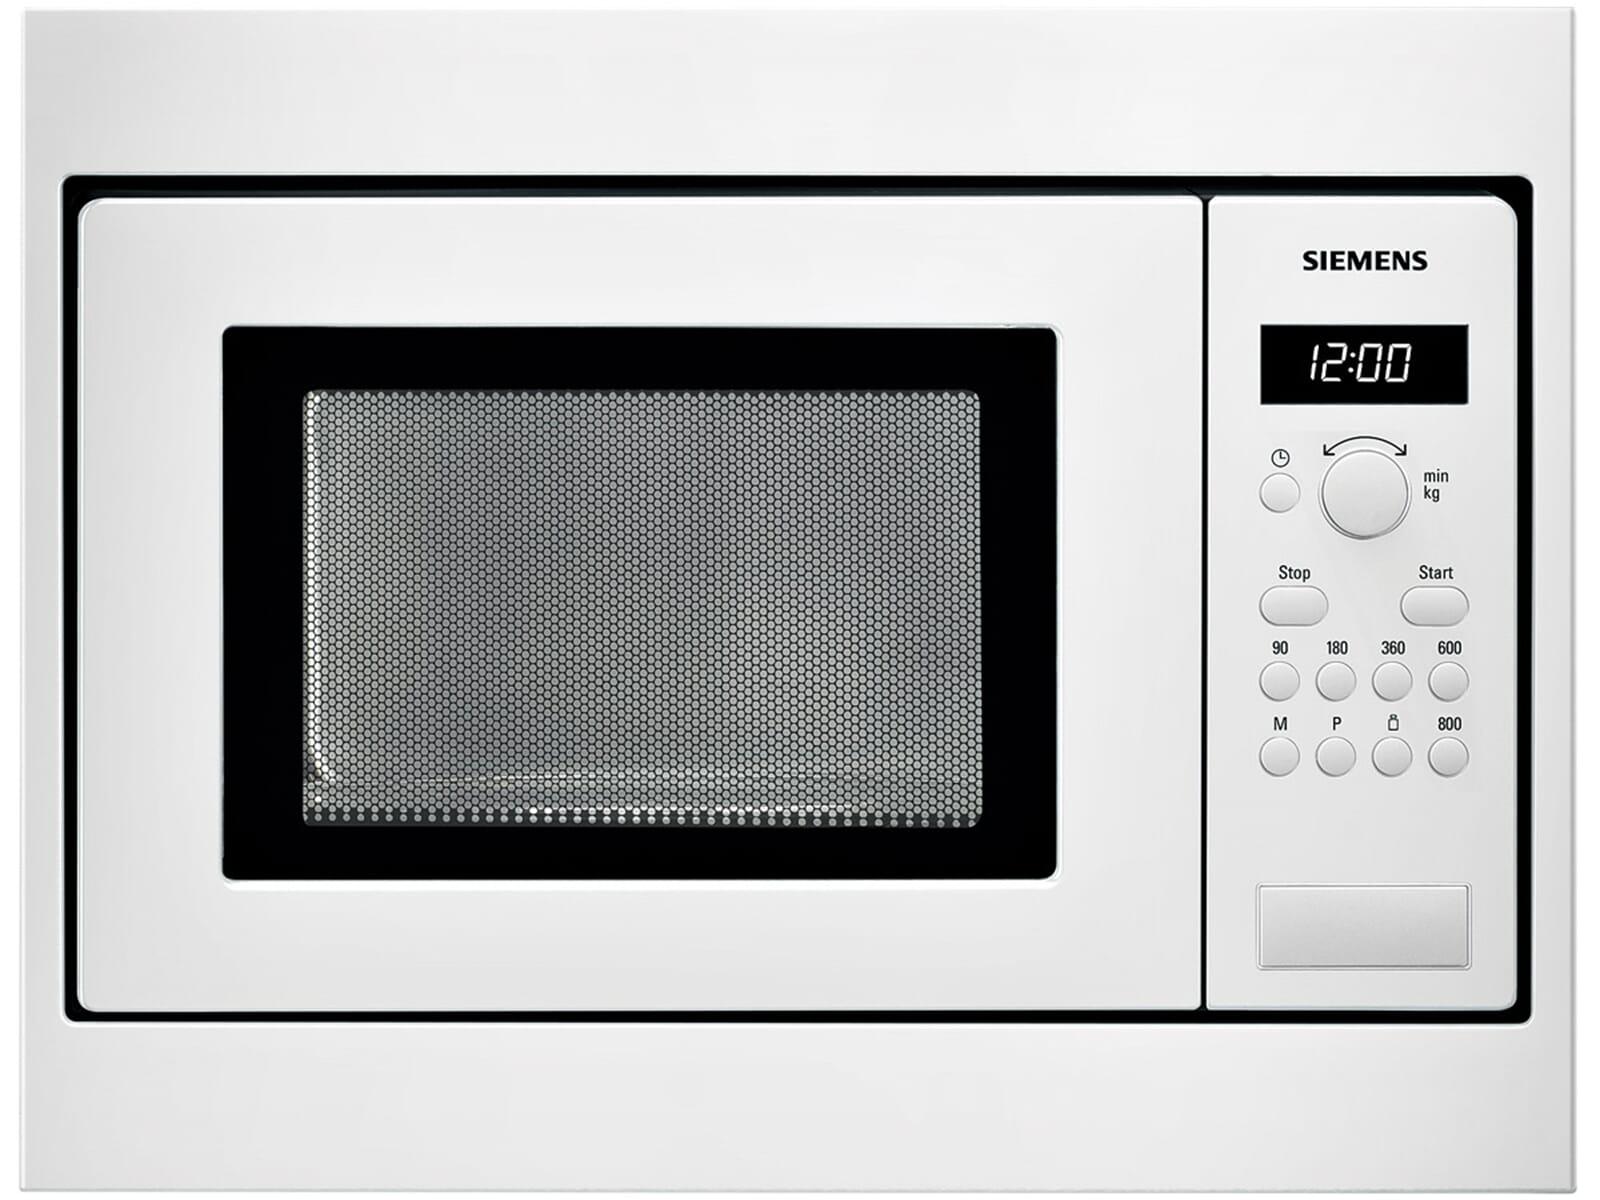 Siemens HF 15 M 252 EINBAU MIKROWELLE –› PreisSuchmaschine